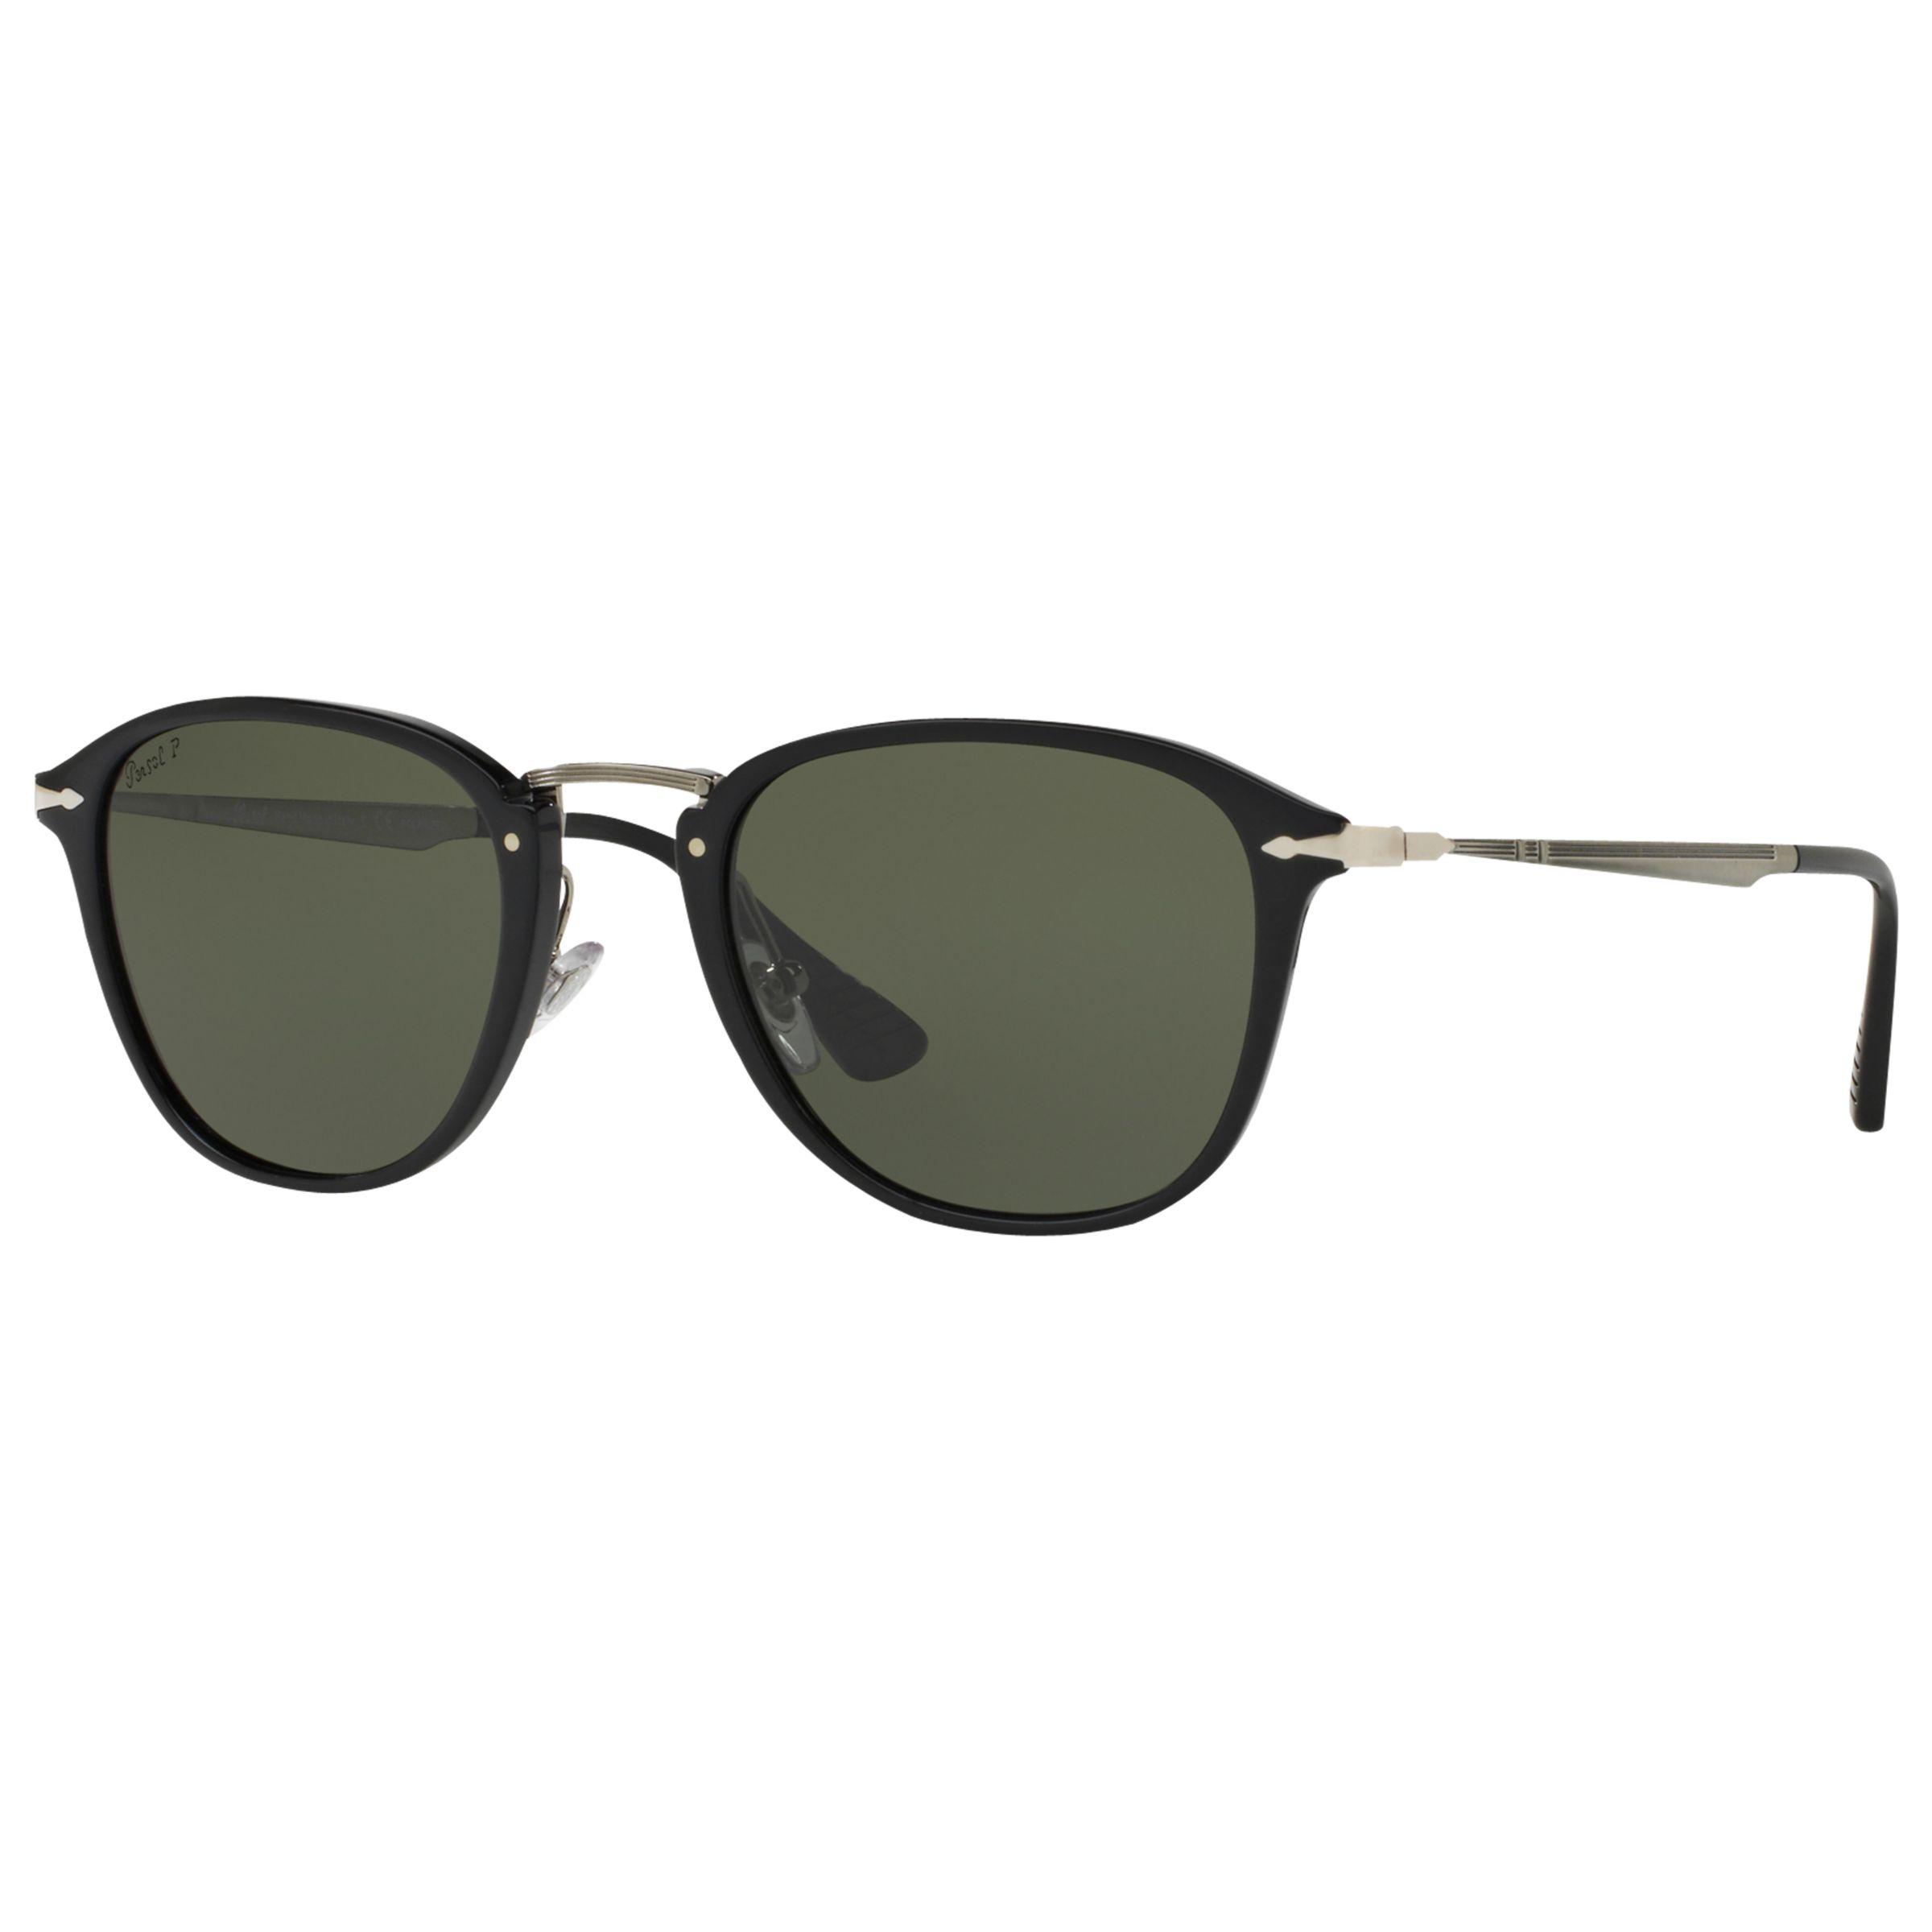 Persol Persol PO3165S Polarised D-Frame Sunglasses, Black/Dark Green